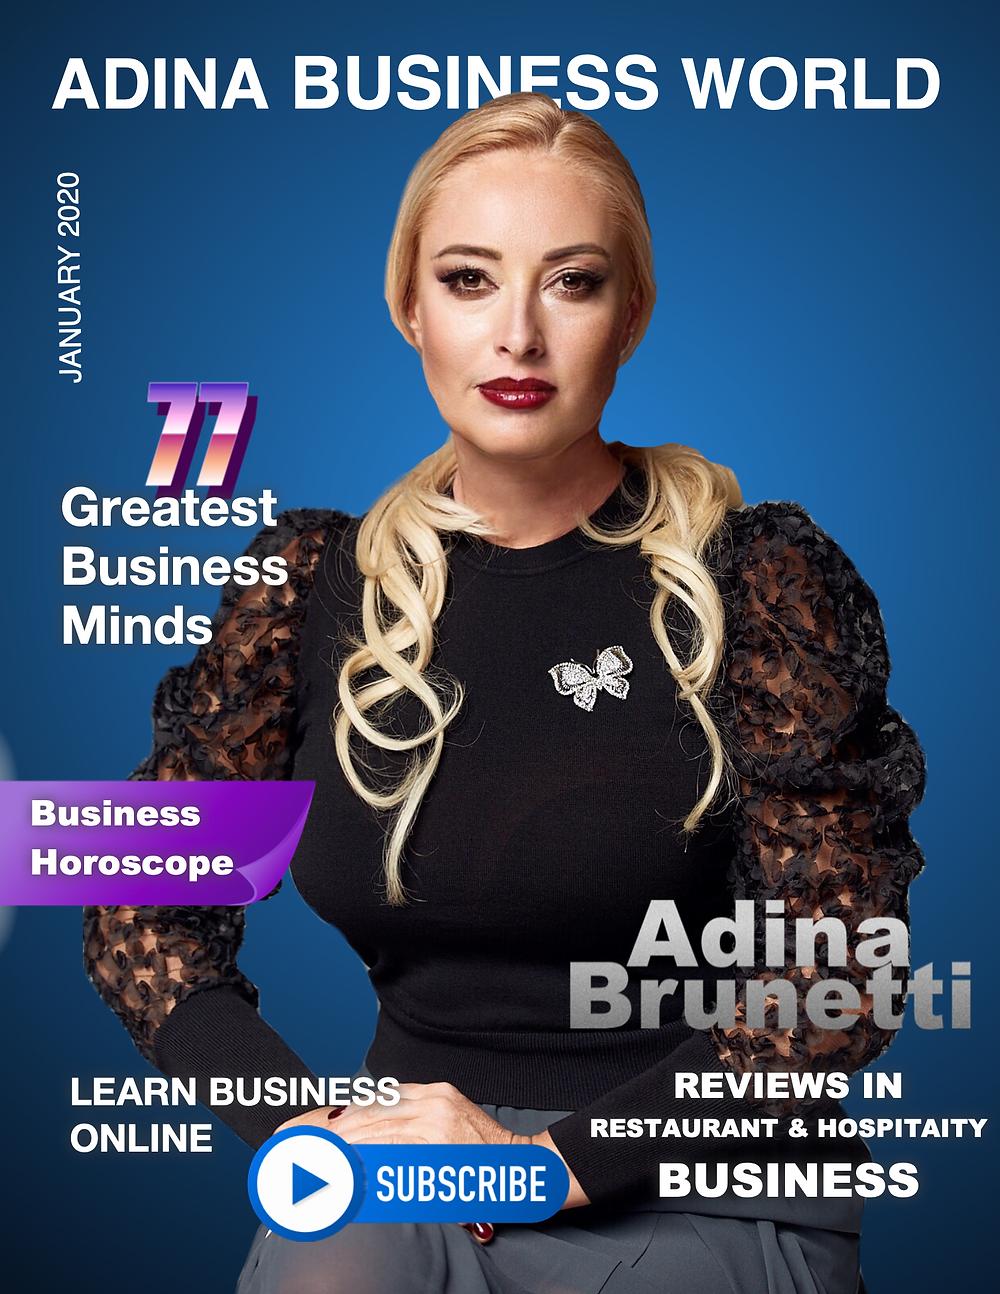 Adina Brunetti on Adina Business World Cover